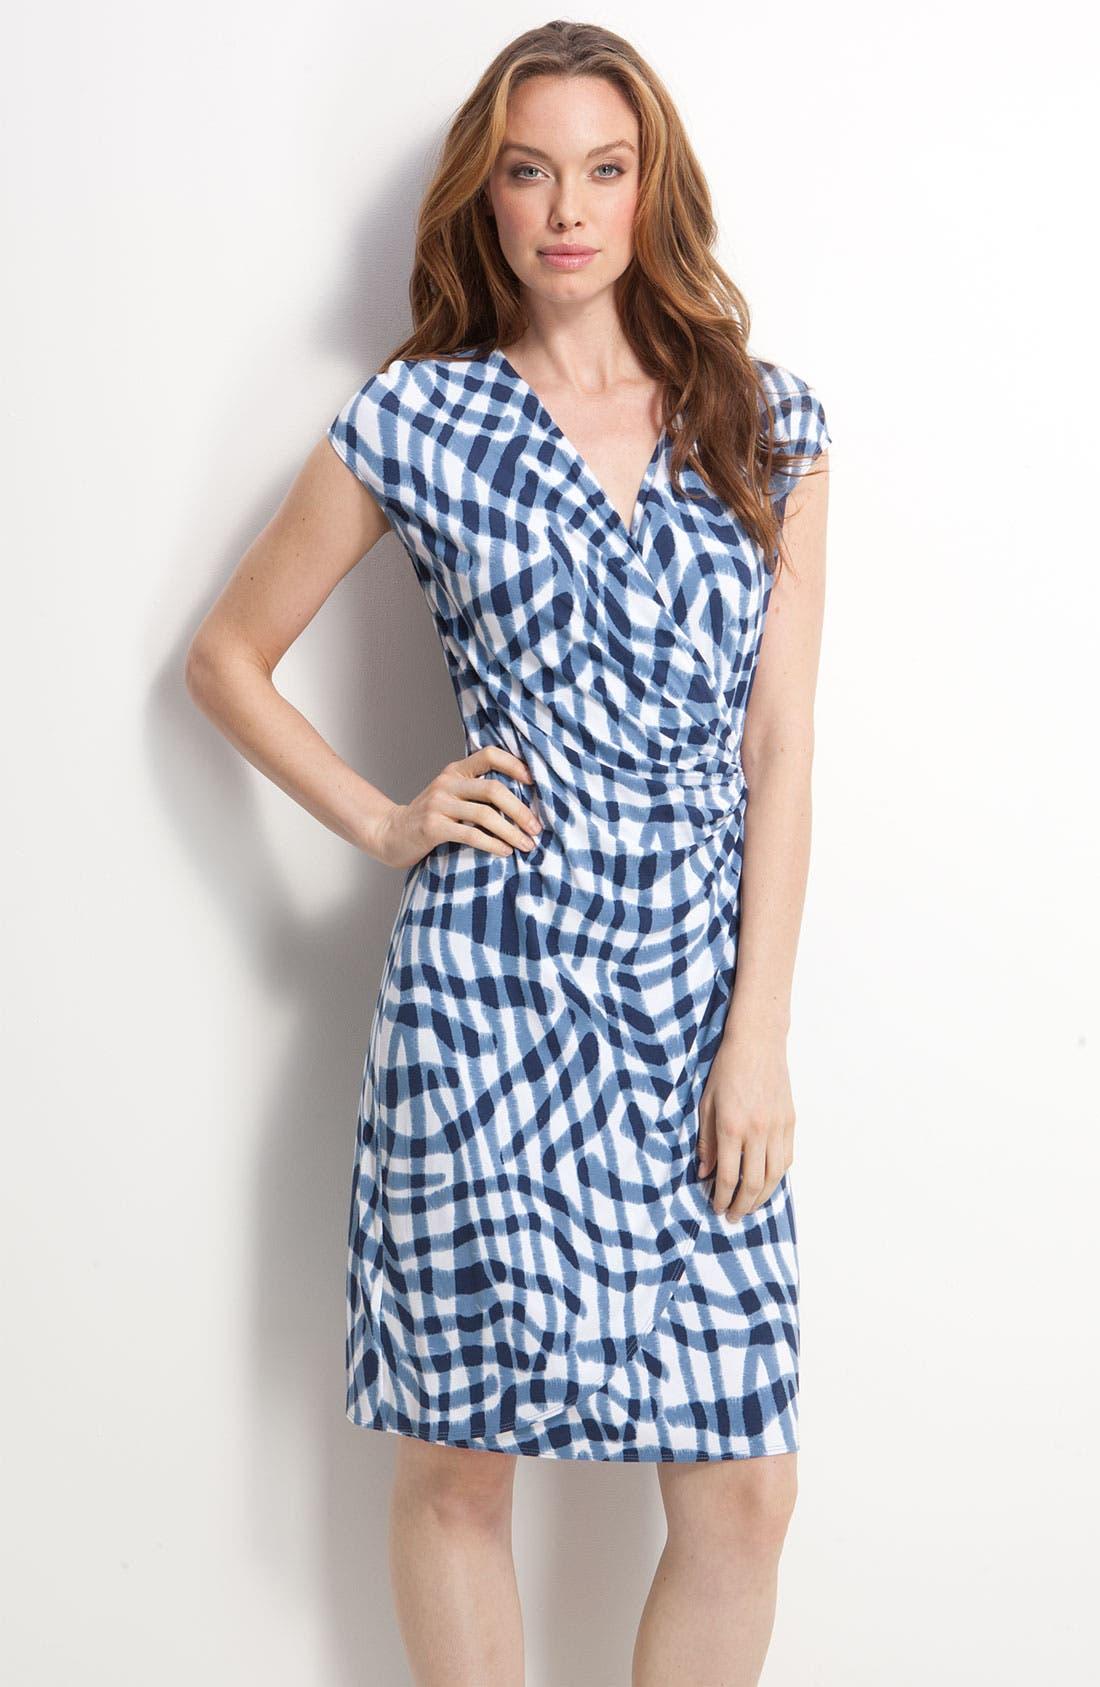 Alternate Image 1 Selected - Tommy Bahama 'Zebra Plaid' Dress